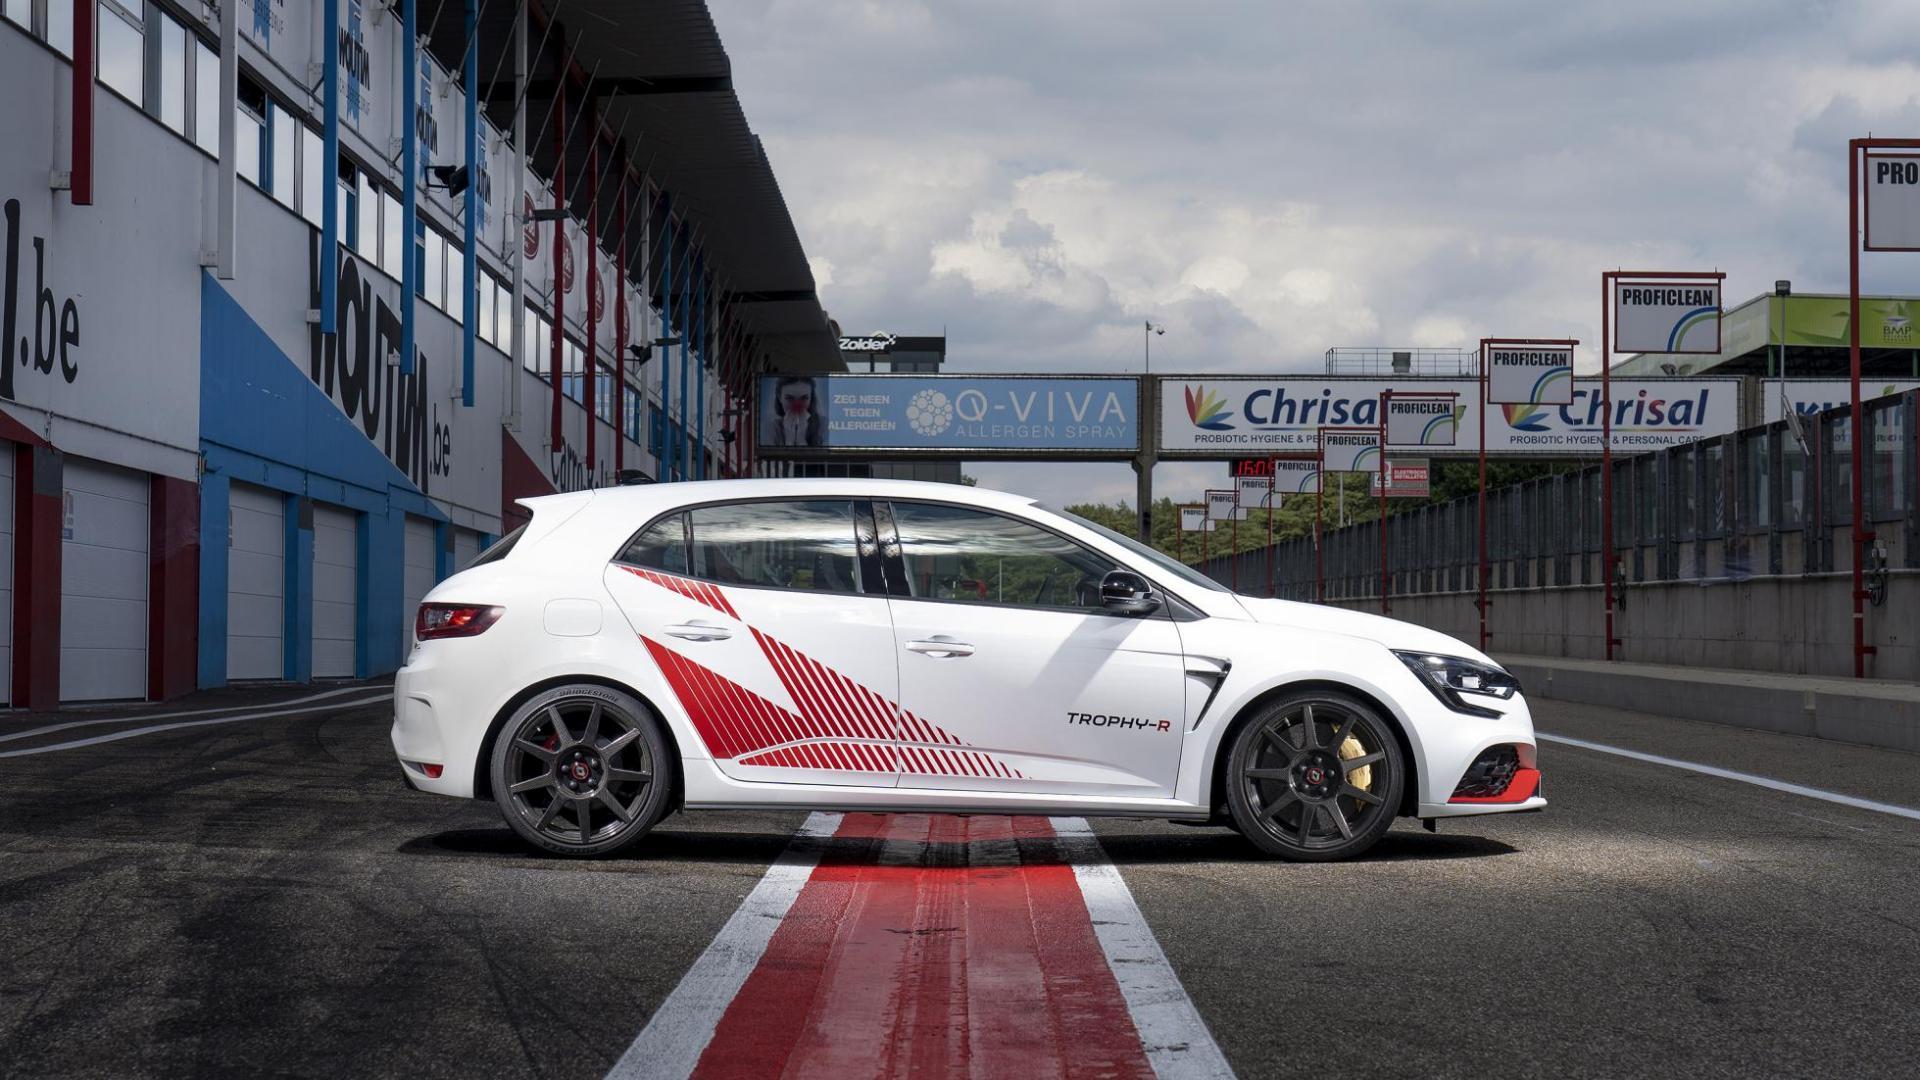 Renault Mégane RS Trophy-R zij rechts in pits